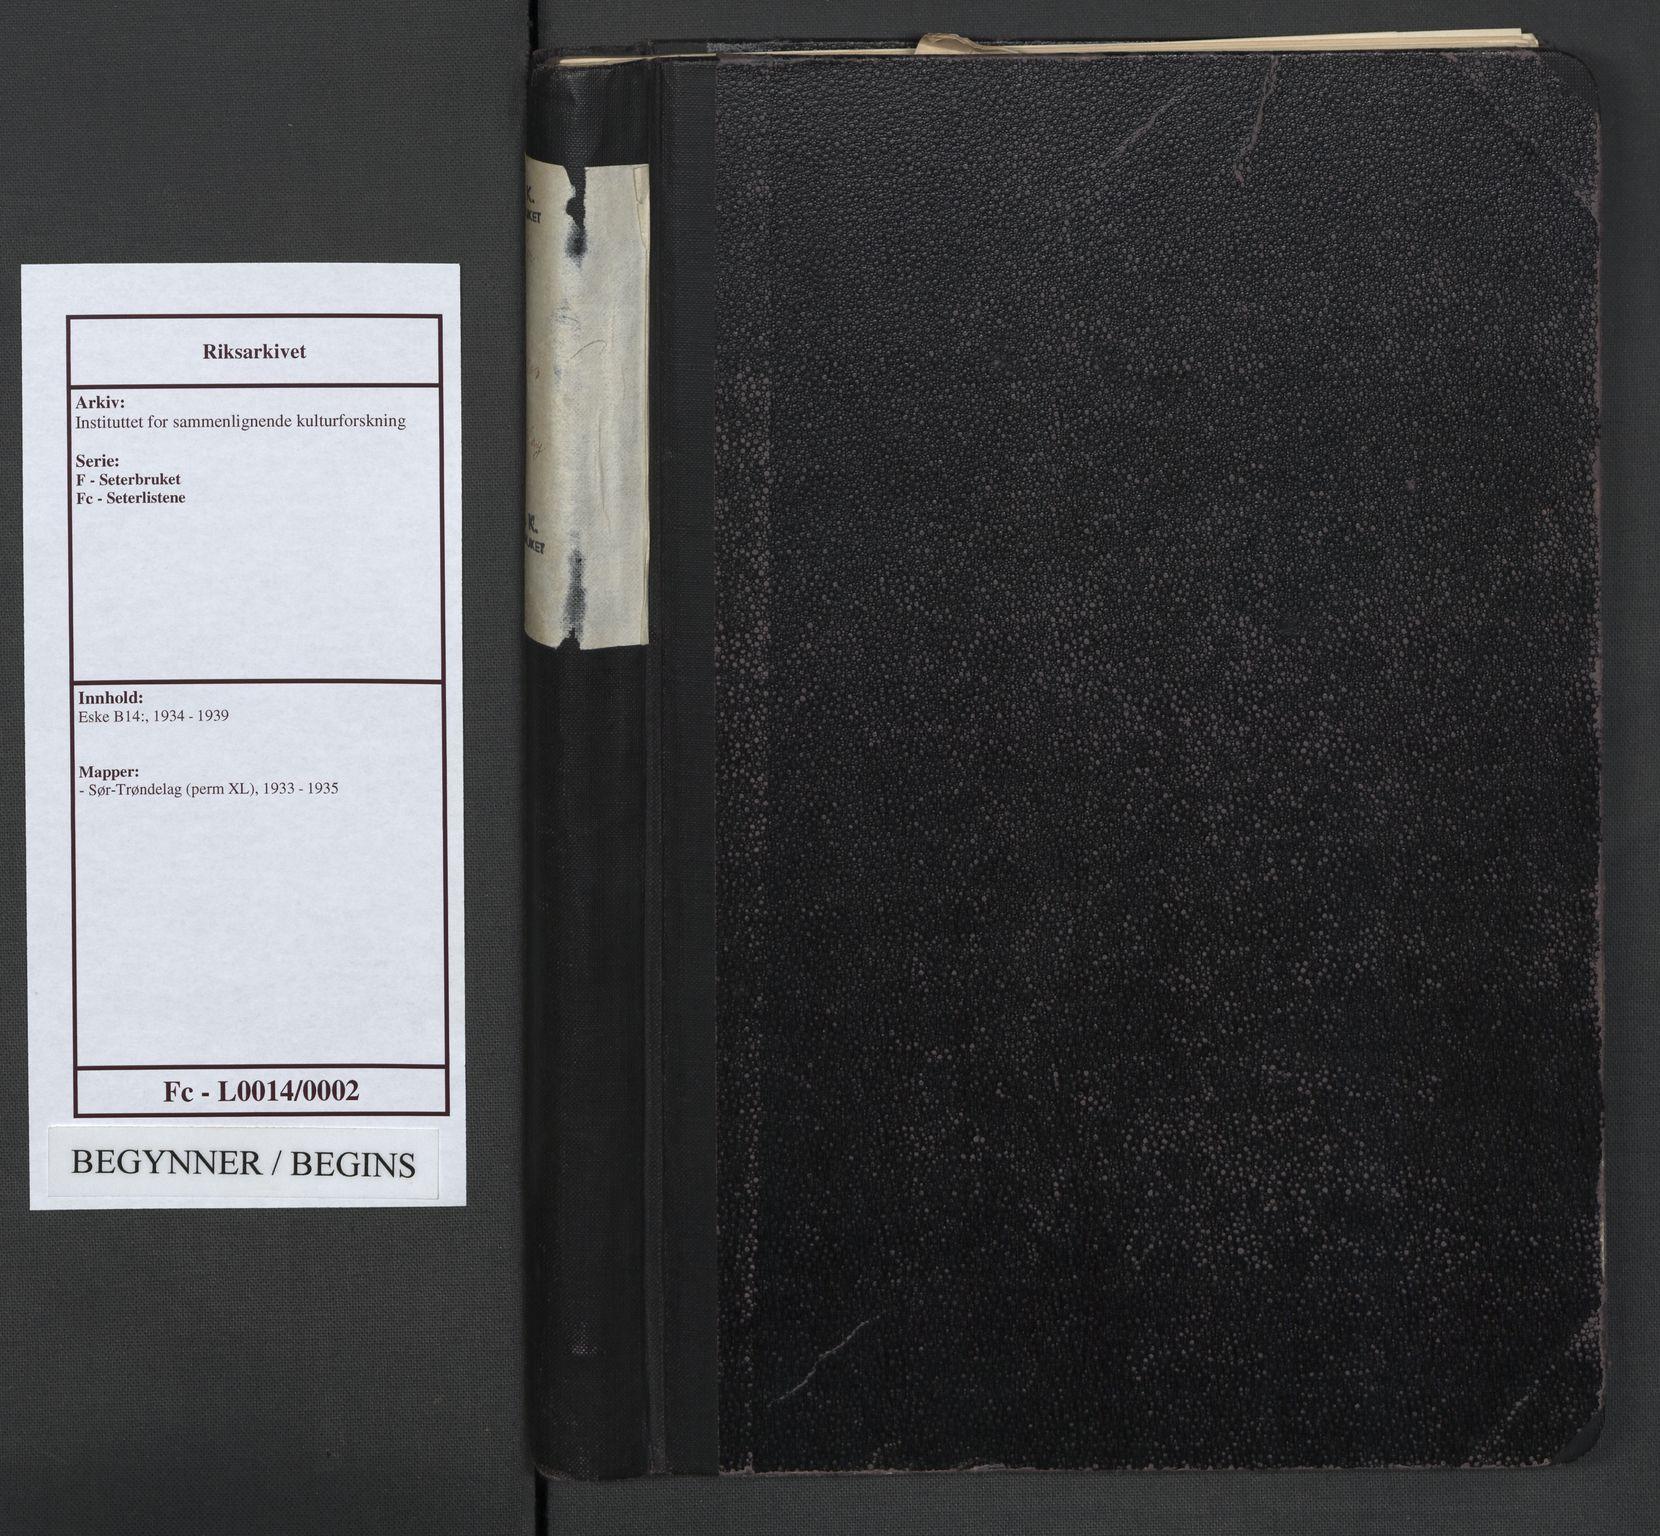 RA, Instituttet for sammenlignende kulturforskning, F/Fc/L0014: Eske B14:, 1933-1935, s. upaginert